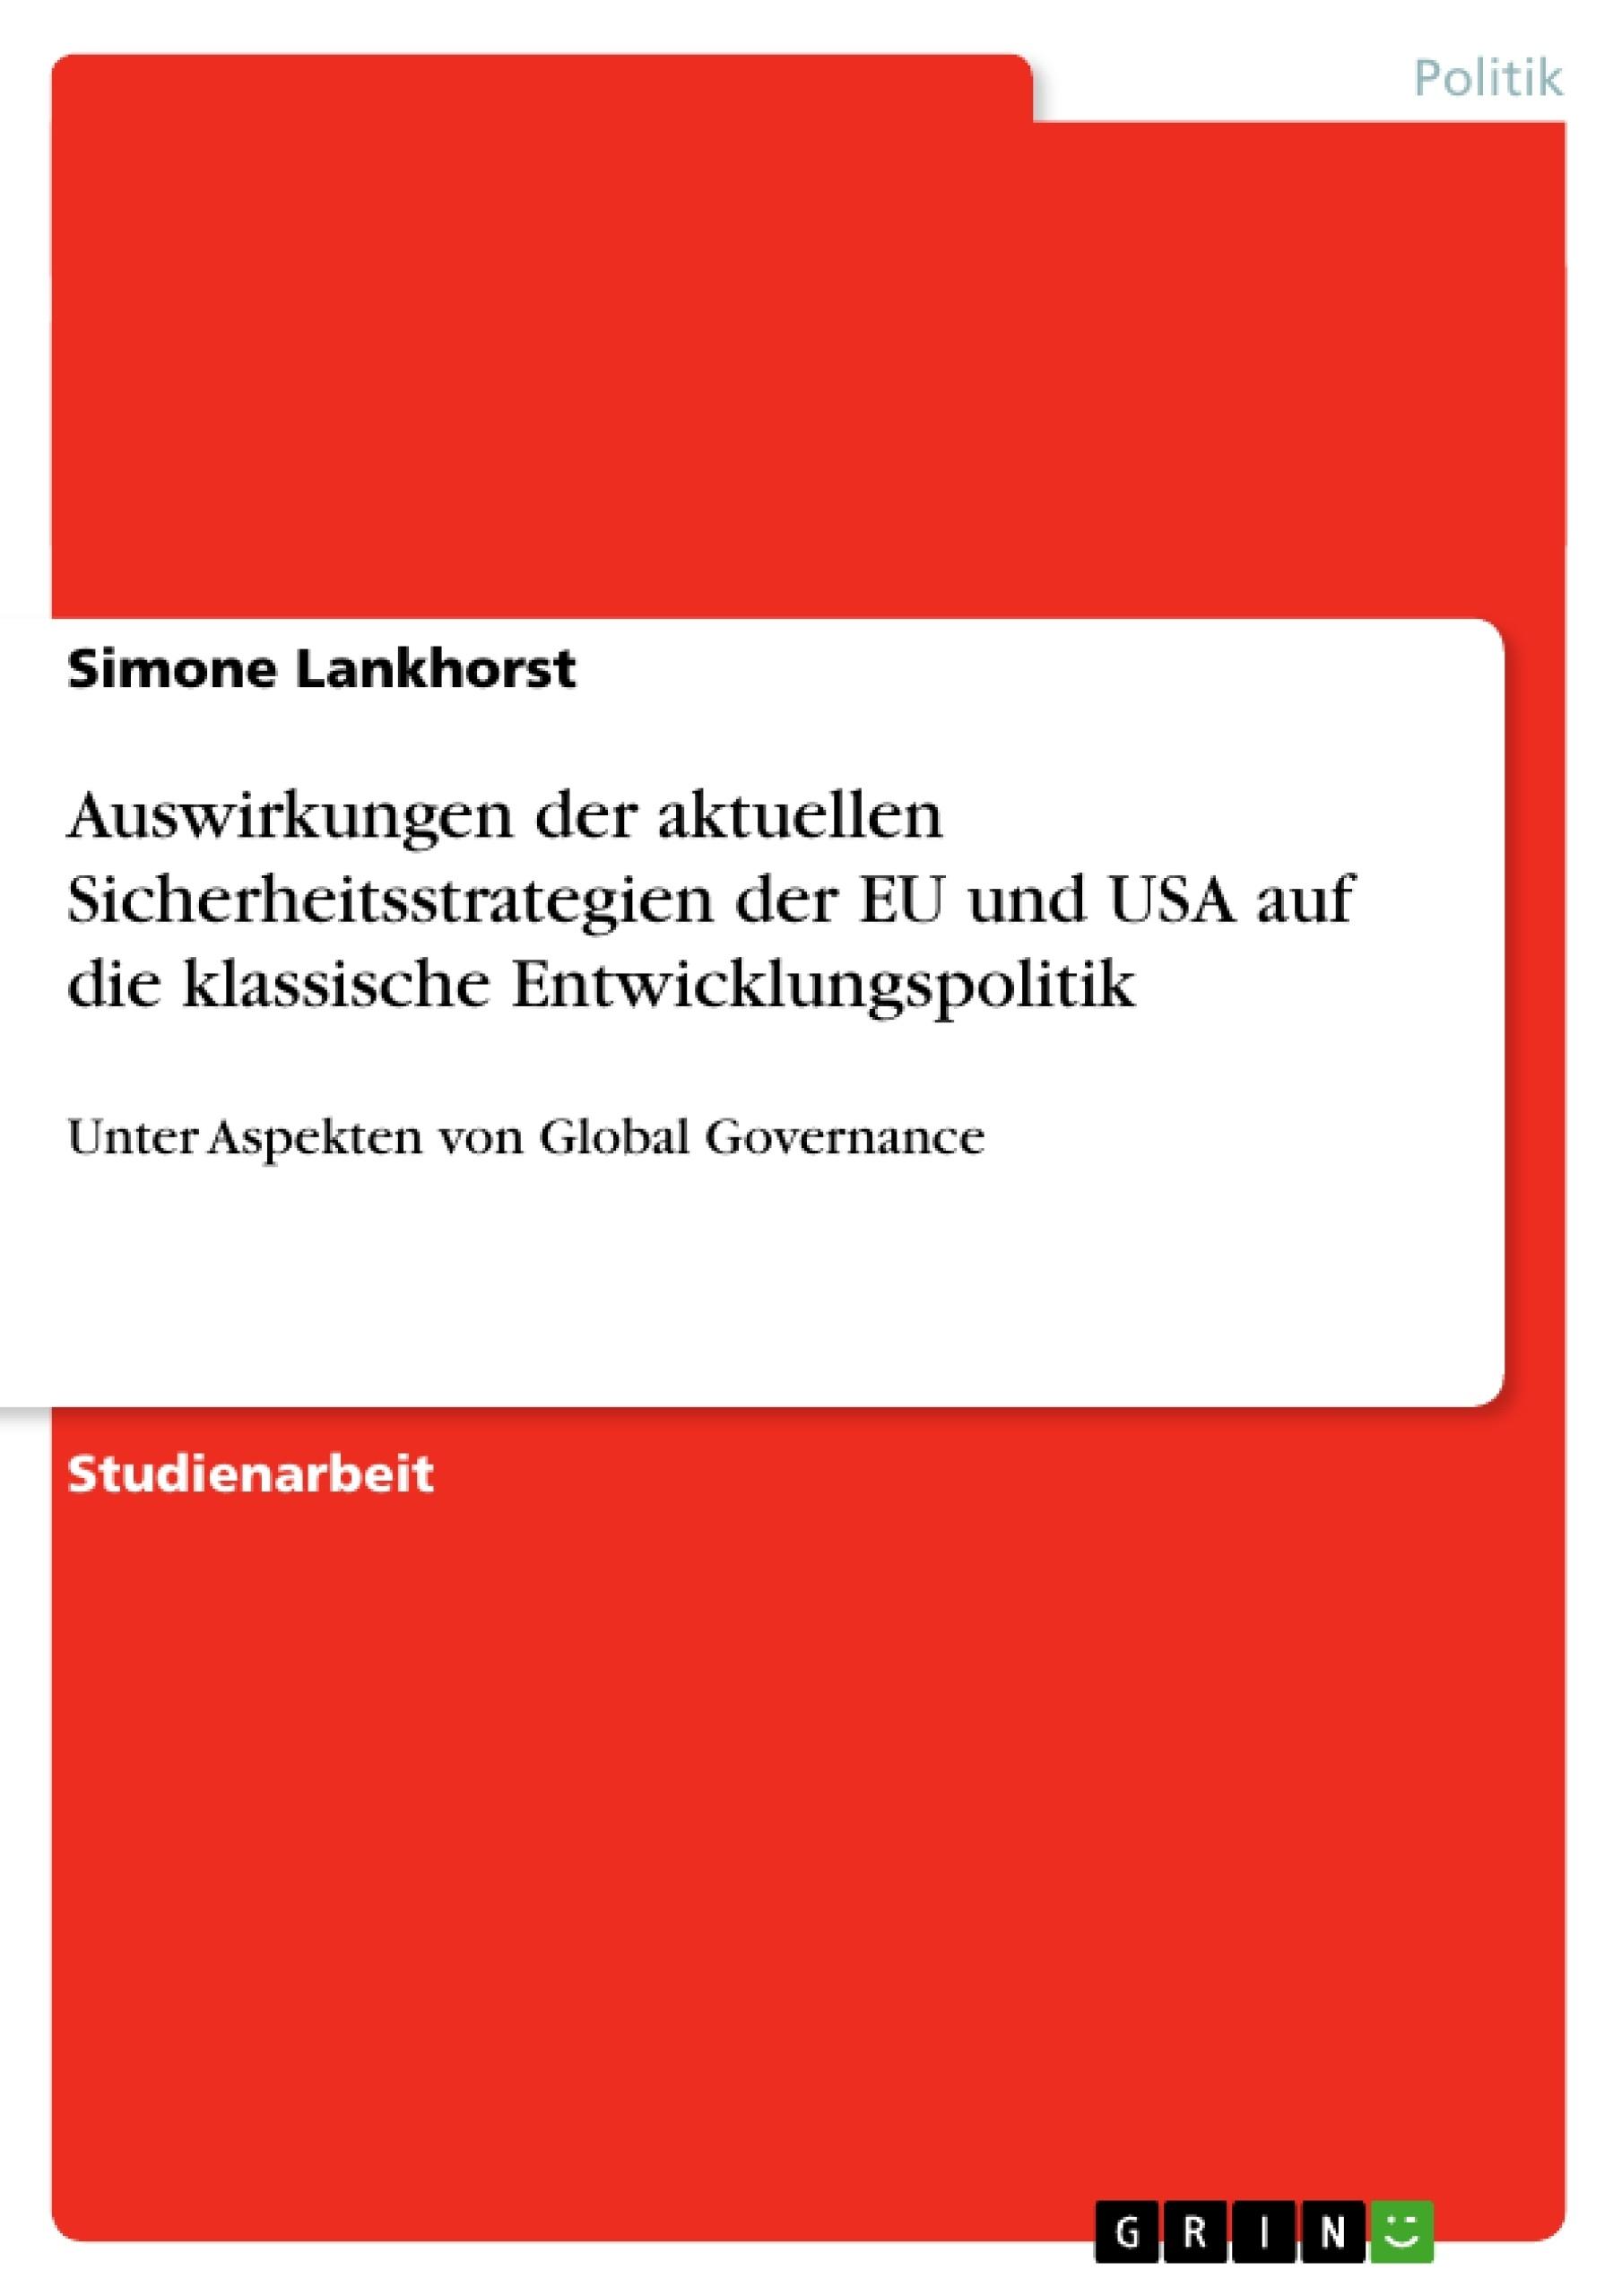 Titel: Auswirkungen der aktuellen Sicherheitsstrategien der EU und USA auf die klassische Entwicklungspolitik